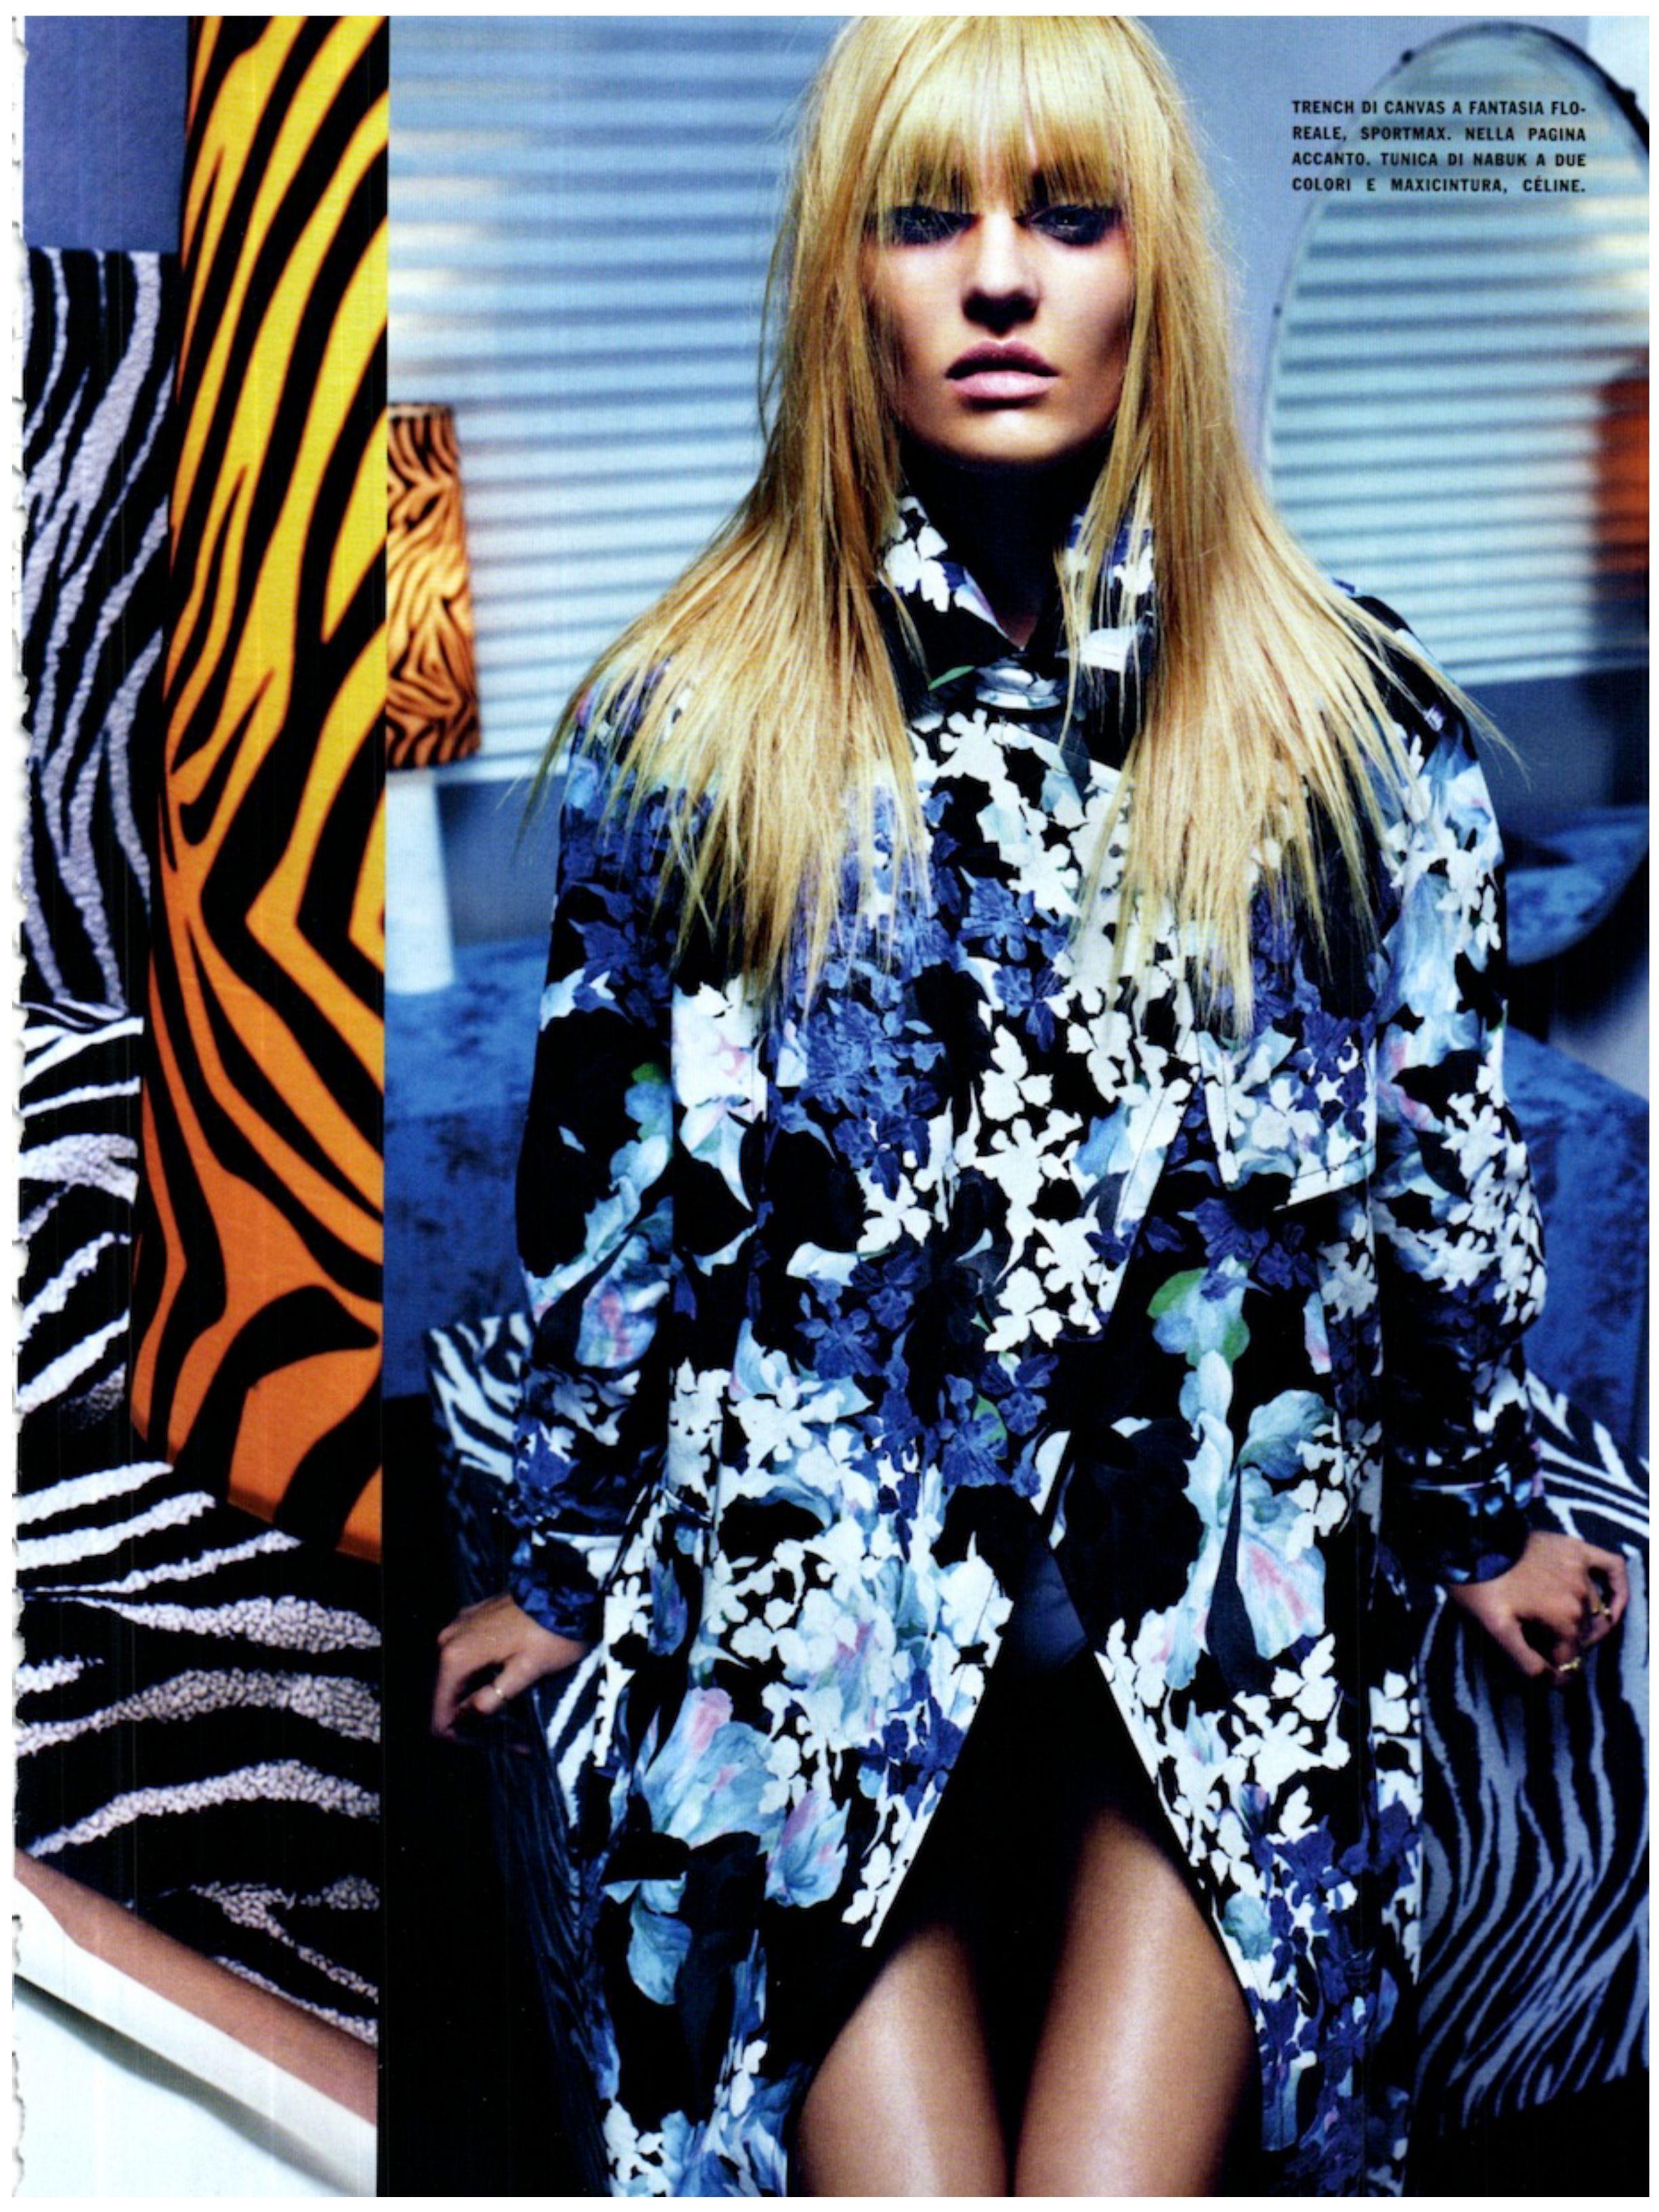 rich girls.: Candice Swanepoel Vogue Brazil.